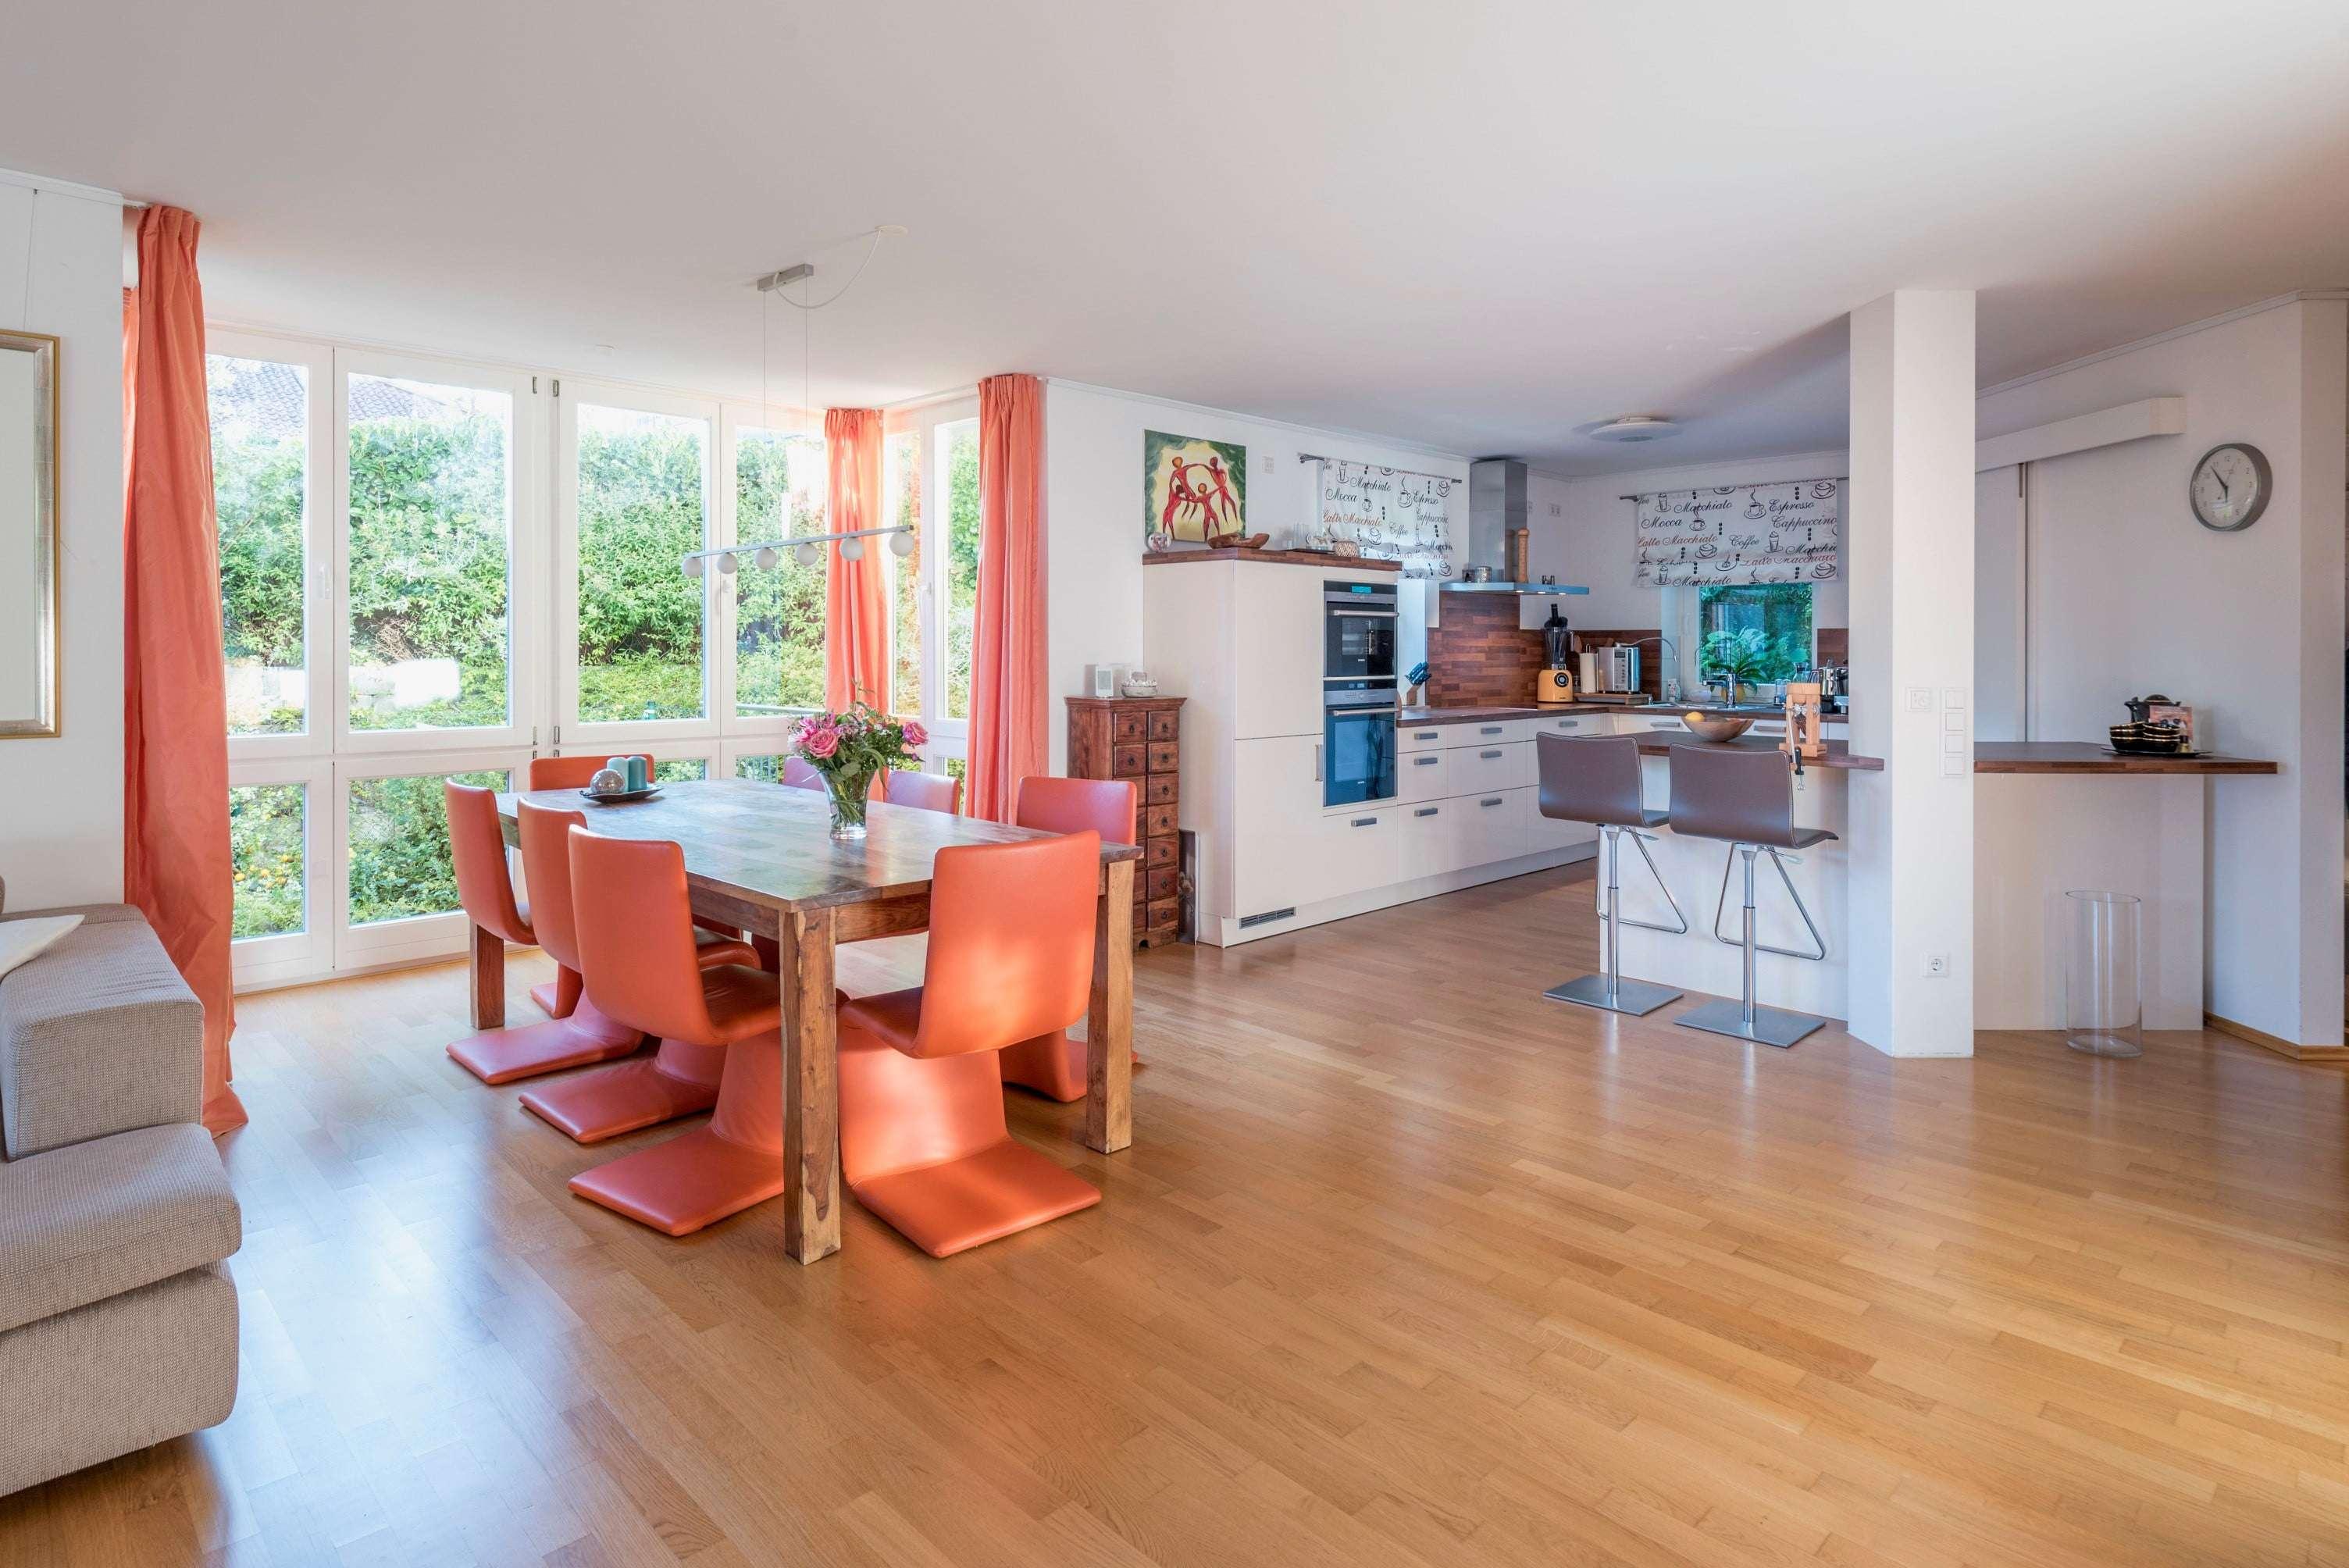 Repräsentative Maisonette-Wohnung zur Miete für 4-5 Jahre in Pöcking